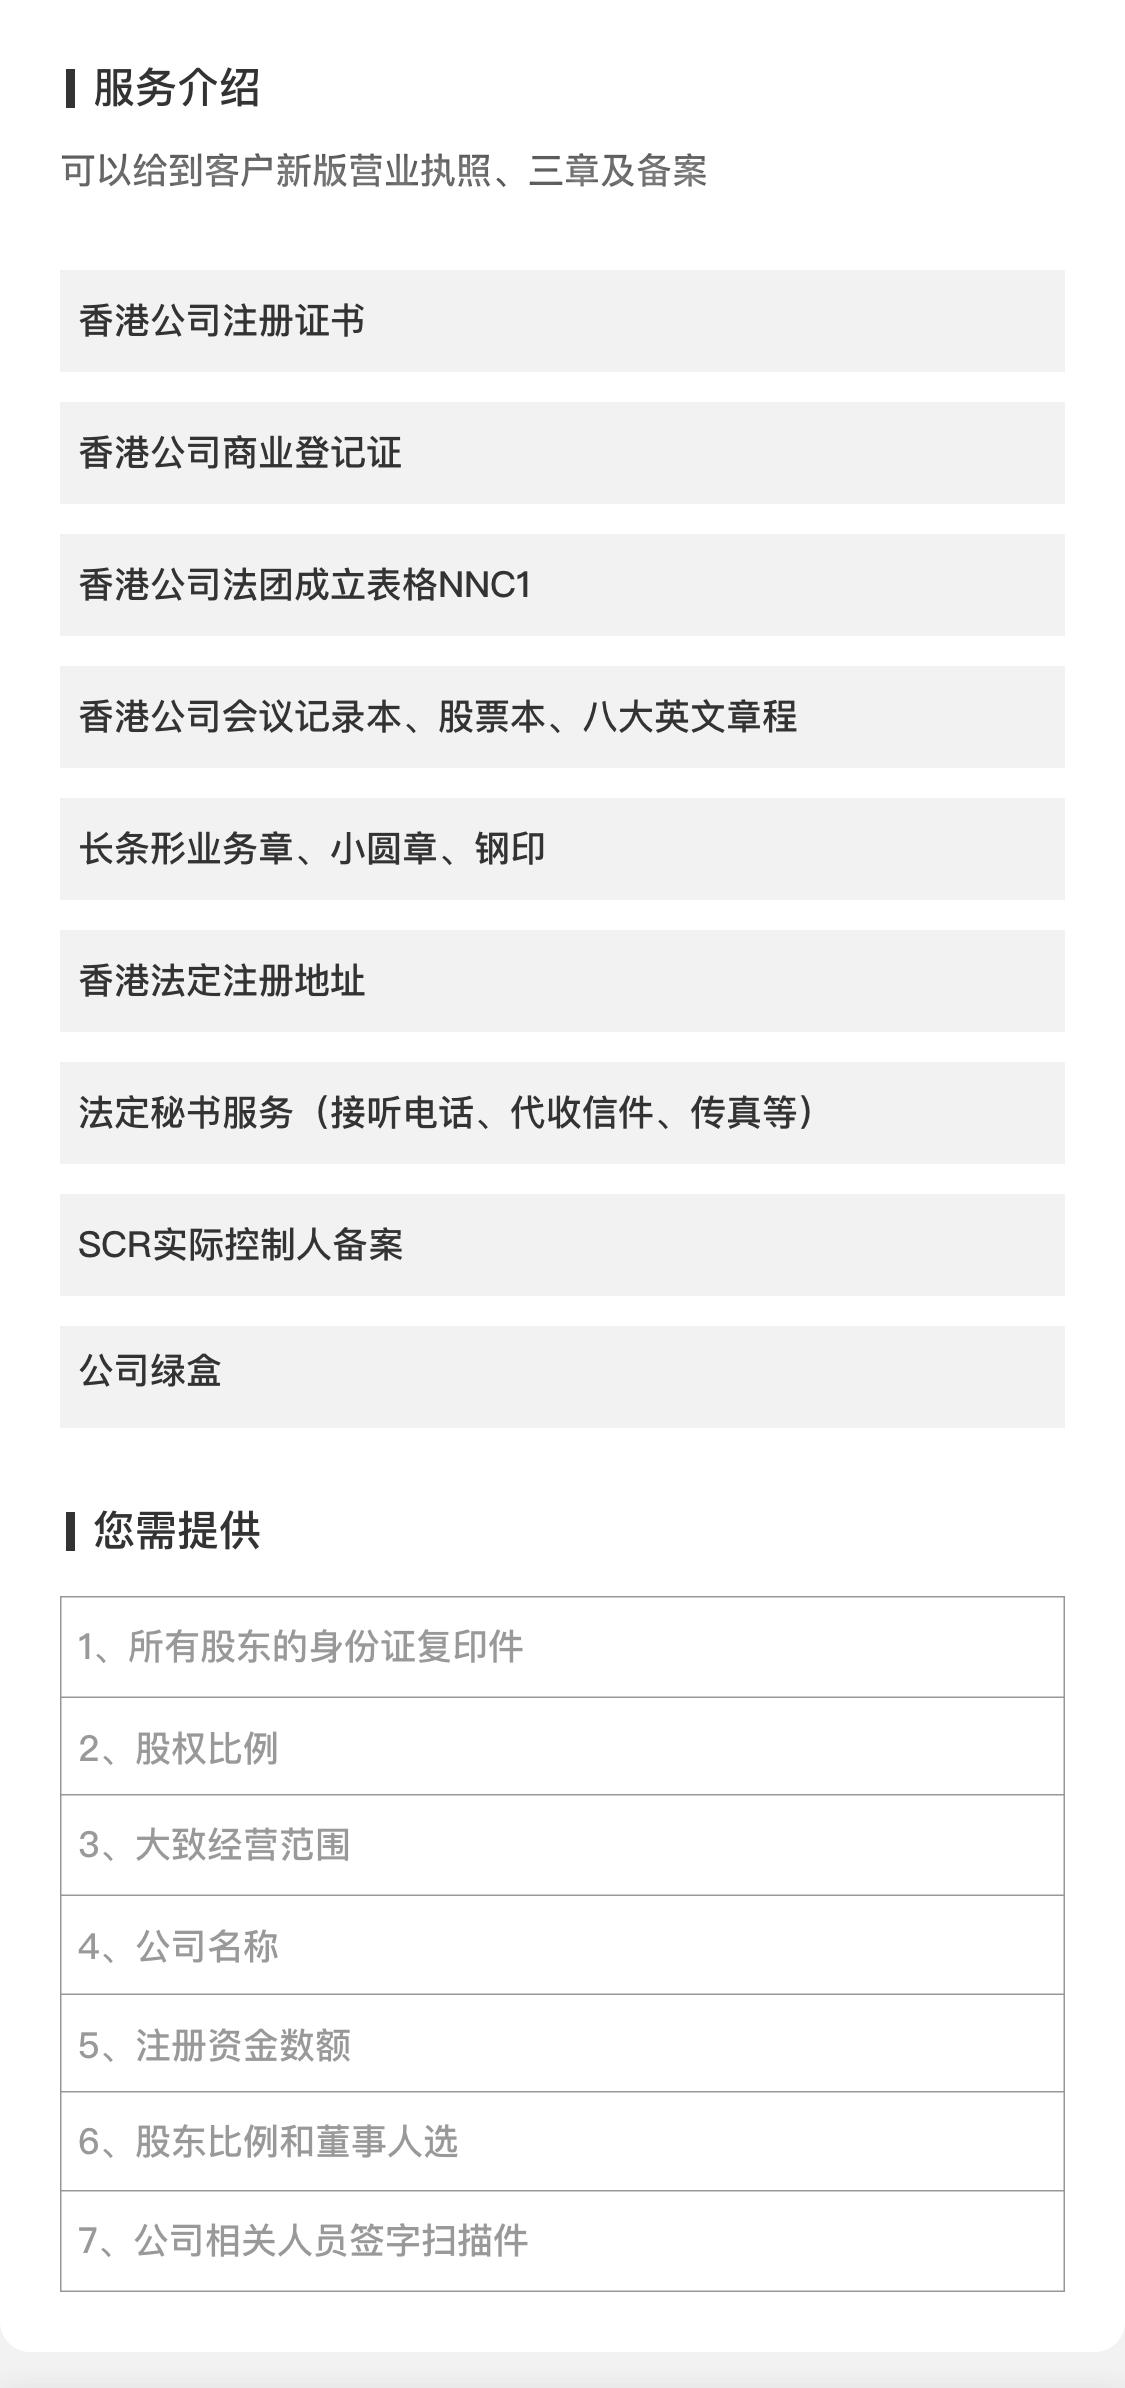 香港公司注册 copy.png